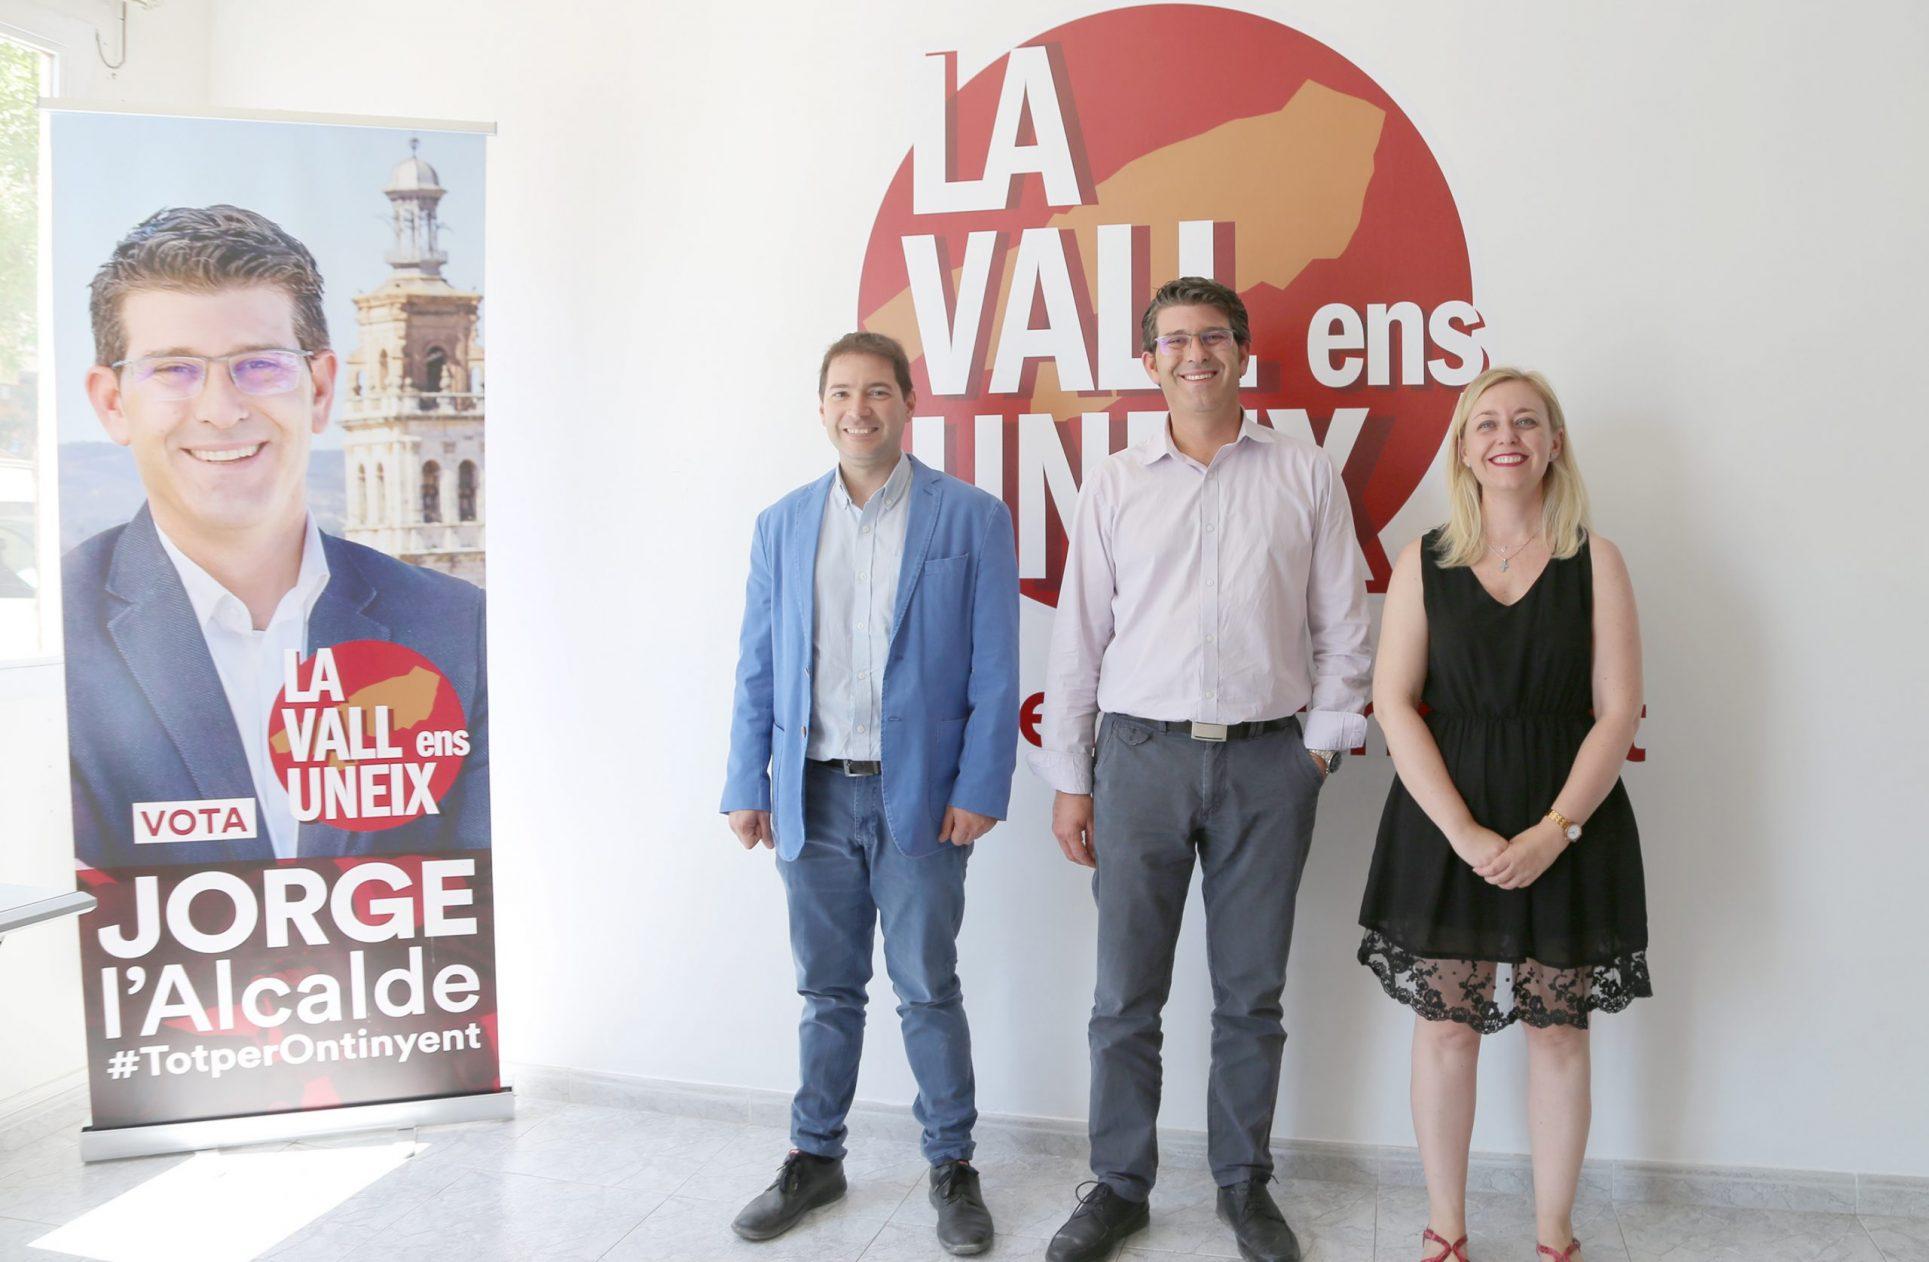 Joan Sanchis pren possessió hui del càrrec de Diputat El Periòdic d'Ontinyent